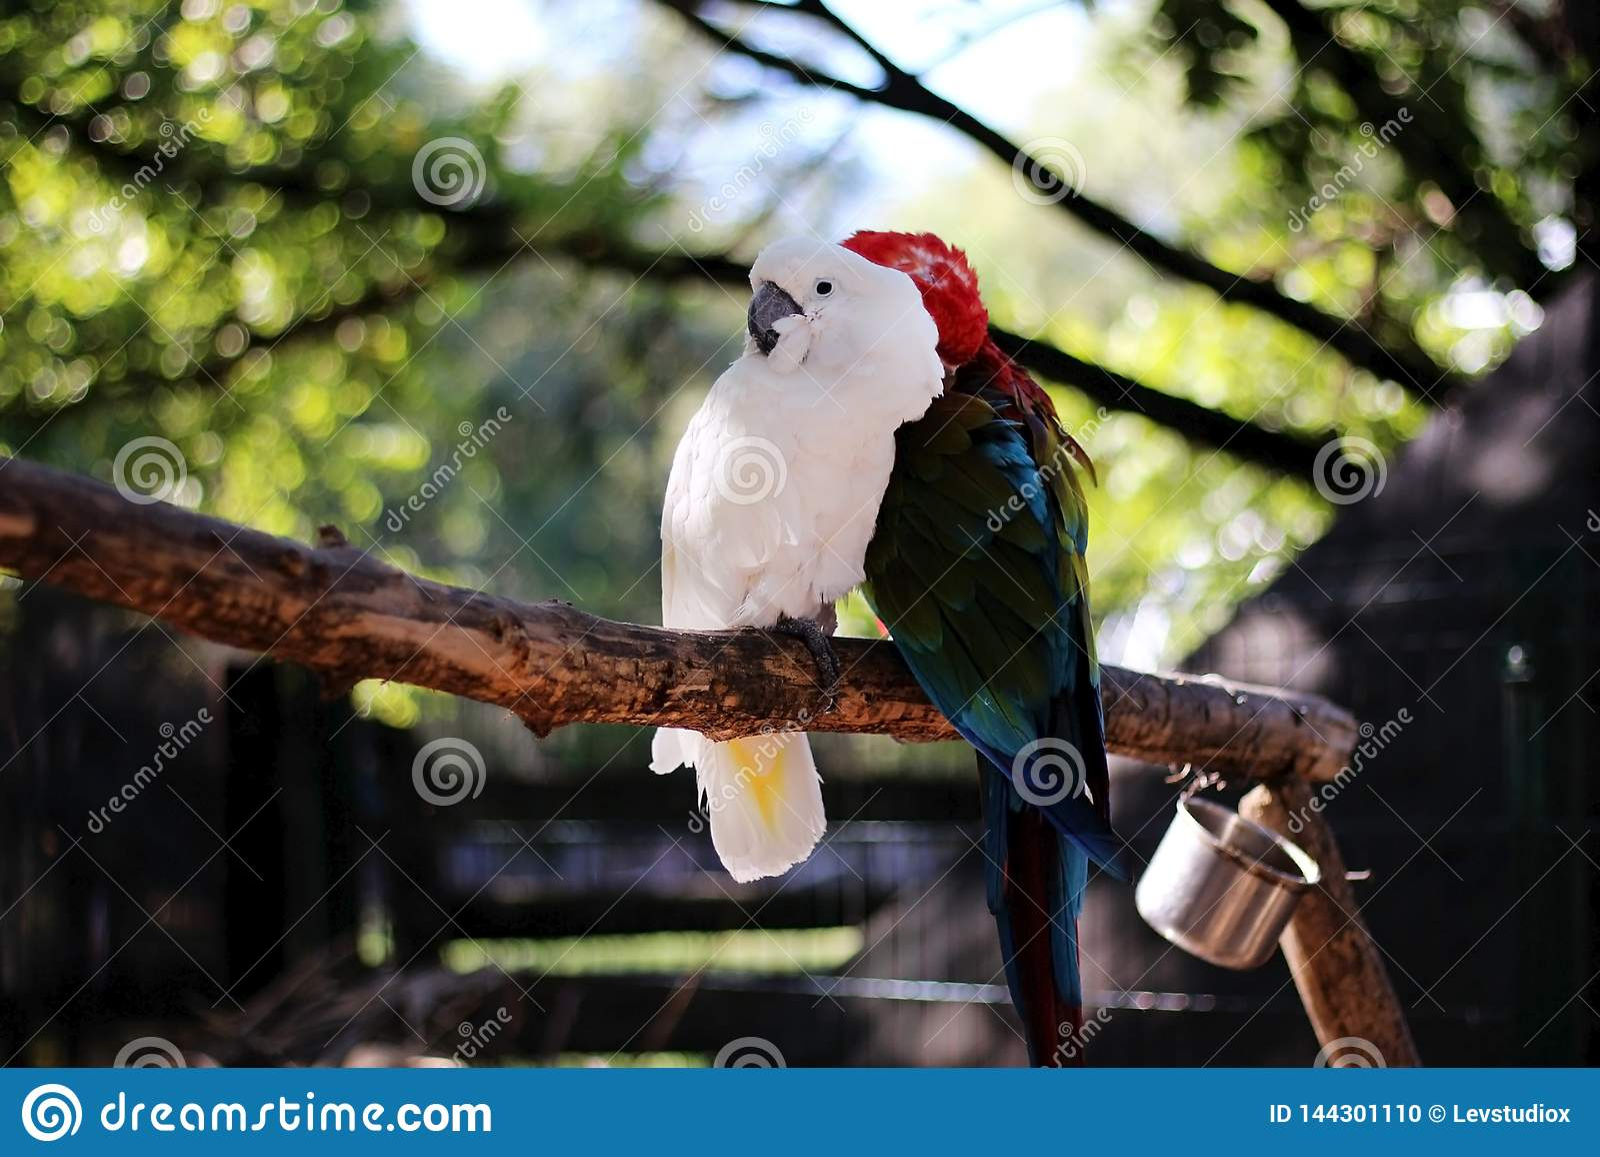 Zwei Papageien sitzen auf einer Niederlassung im Zoo